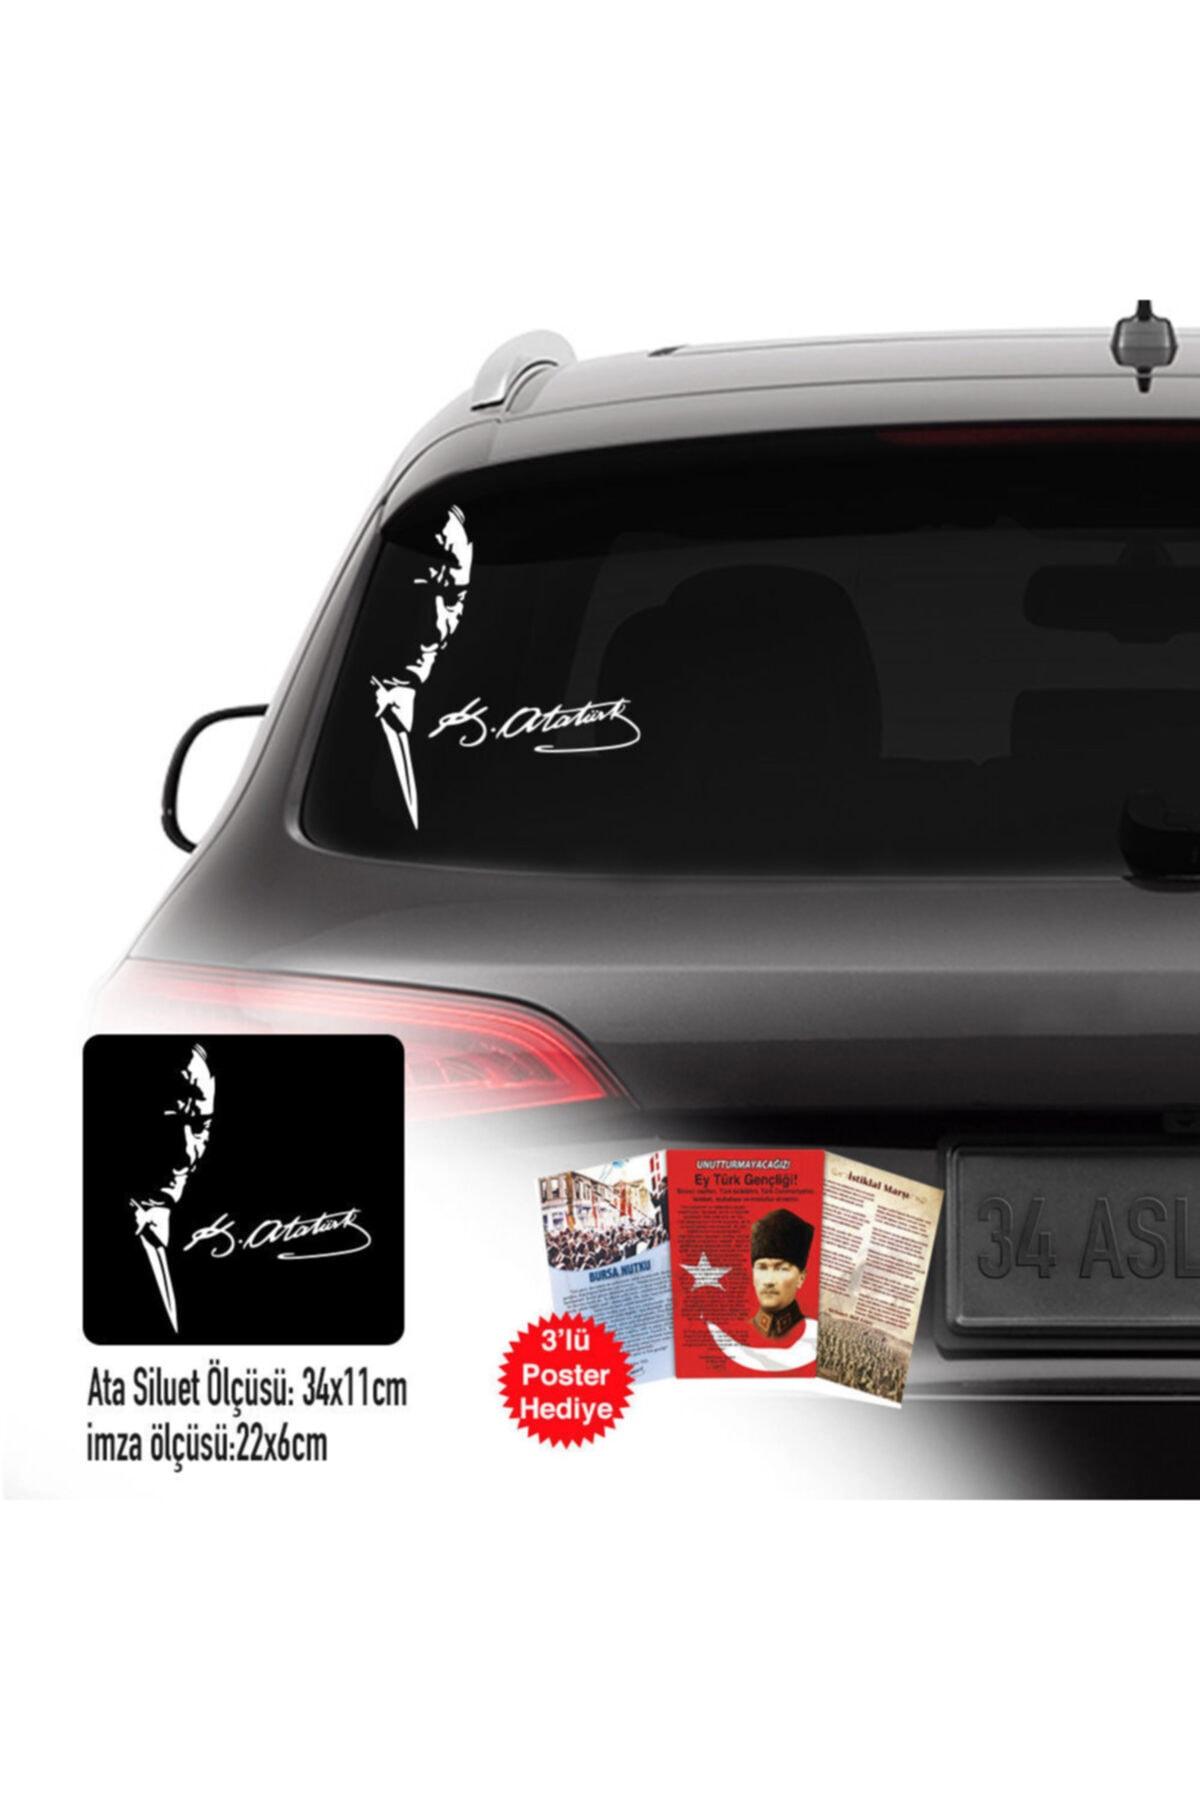 Mustafa Kemal Atatürk Yan Duruş Karizma Portre Sticker, Araba, Oto Etiket, Çıkartma